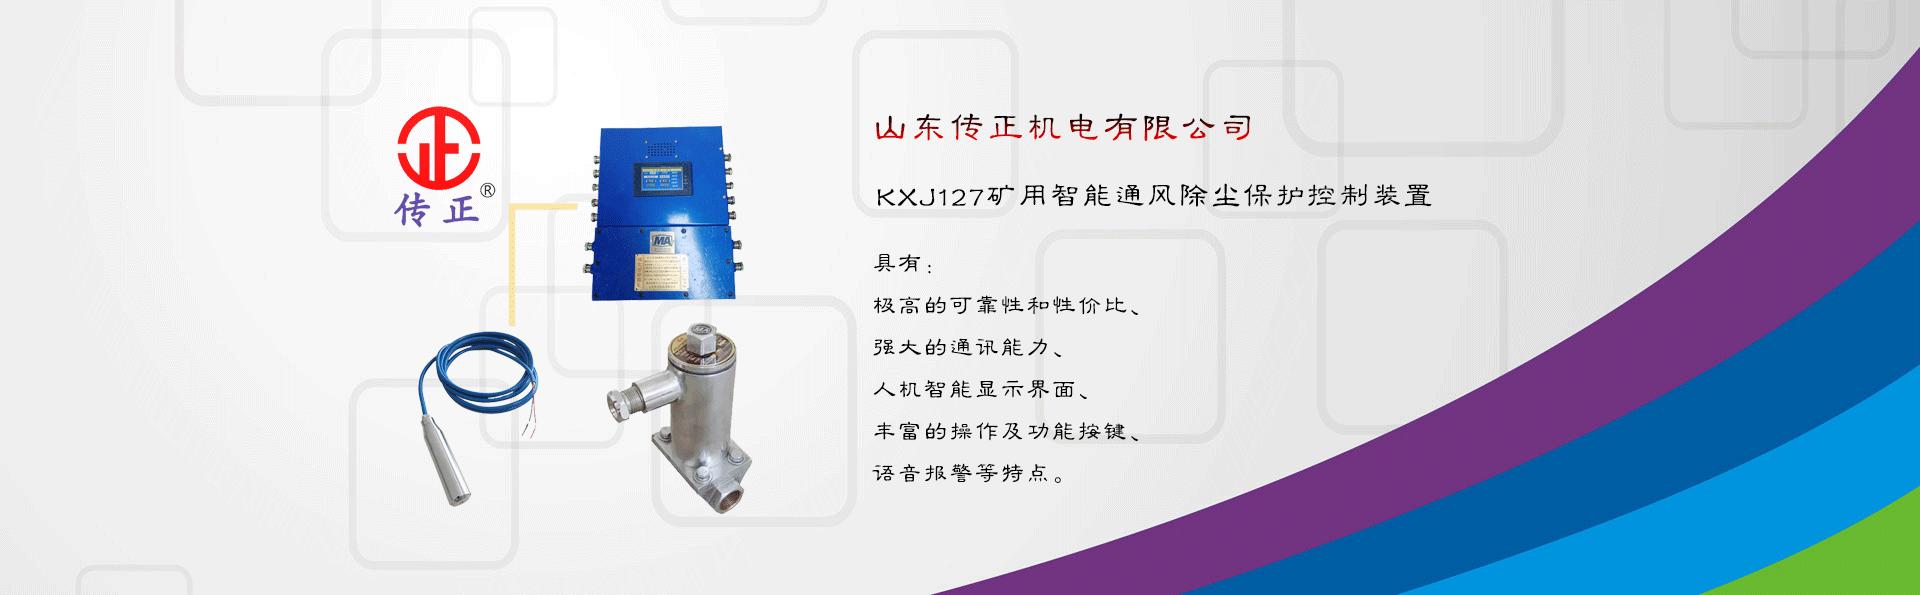 KXJ127矿用智能通风除尘保护控制装置